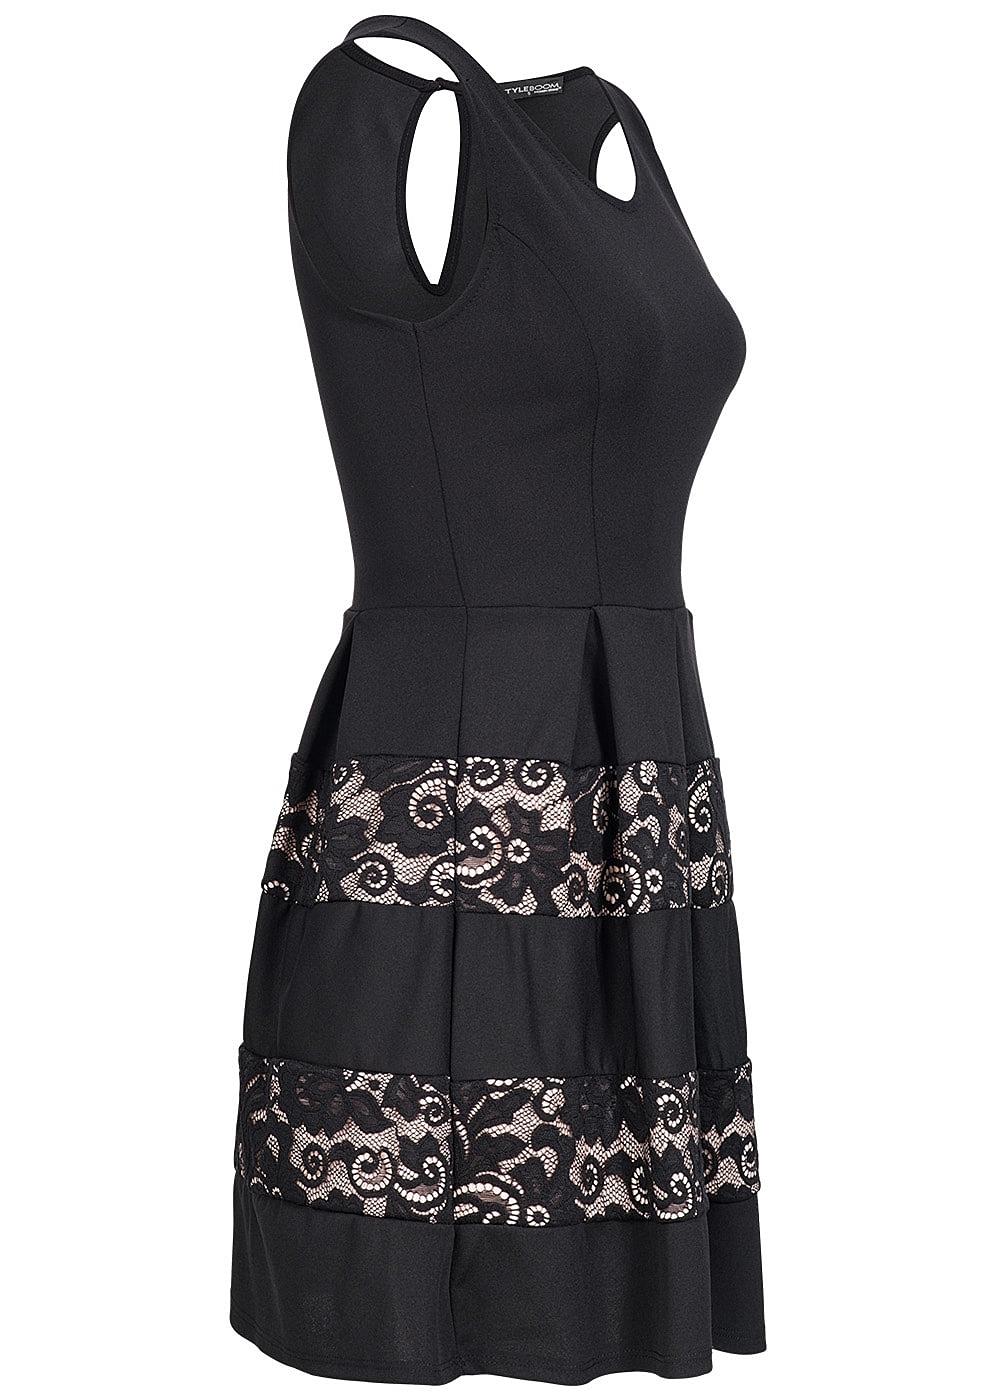 styleboom fashion damen mini kleid weit ausgestellt unten. Black Bedroom Furniture Sets. Home Design Ideas